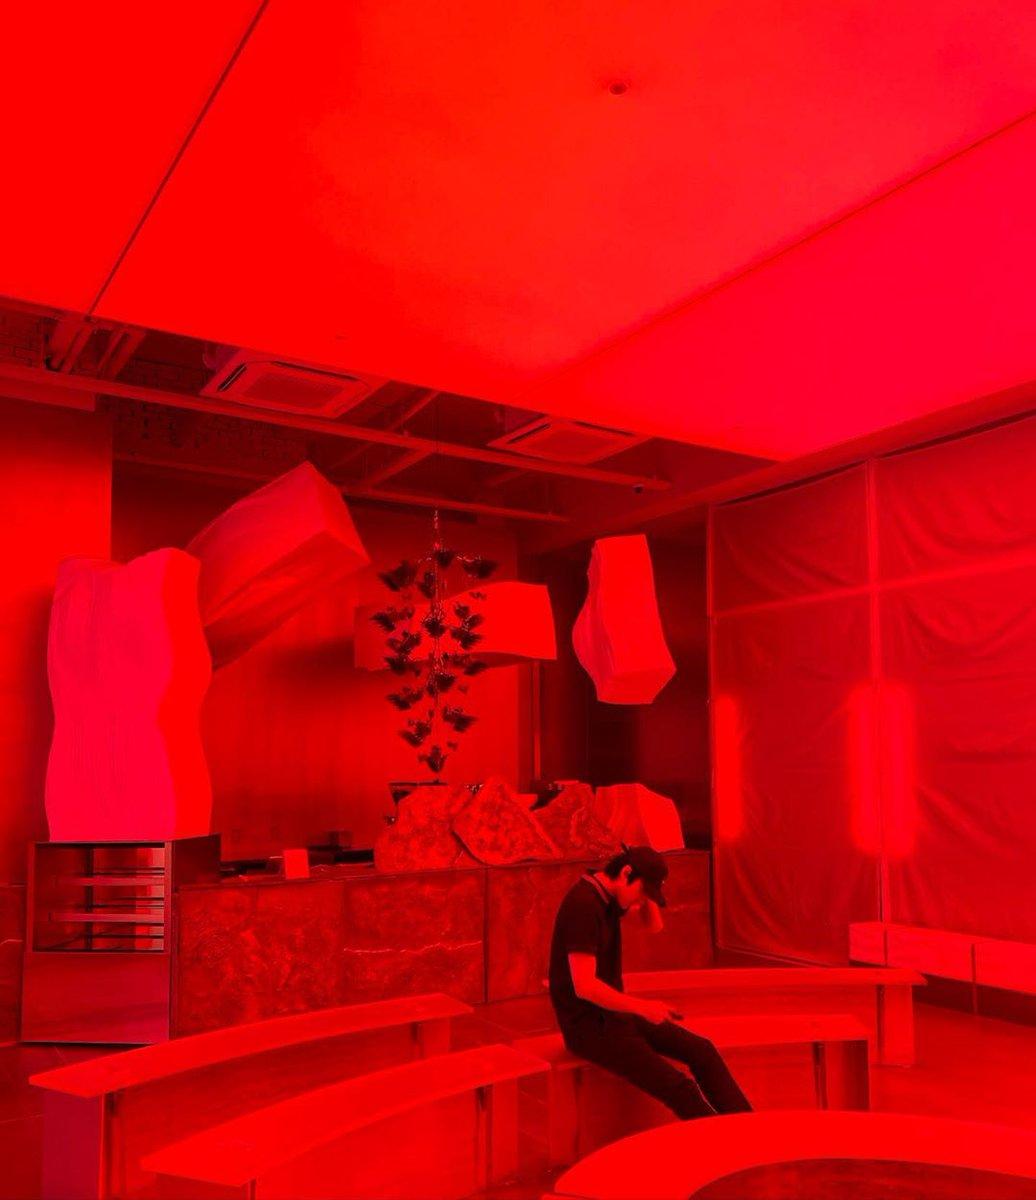 Oh Sehun kırmızılar içinde de mükemmel fotolar atıyor pic.twitter.com/qyHakYCSNX